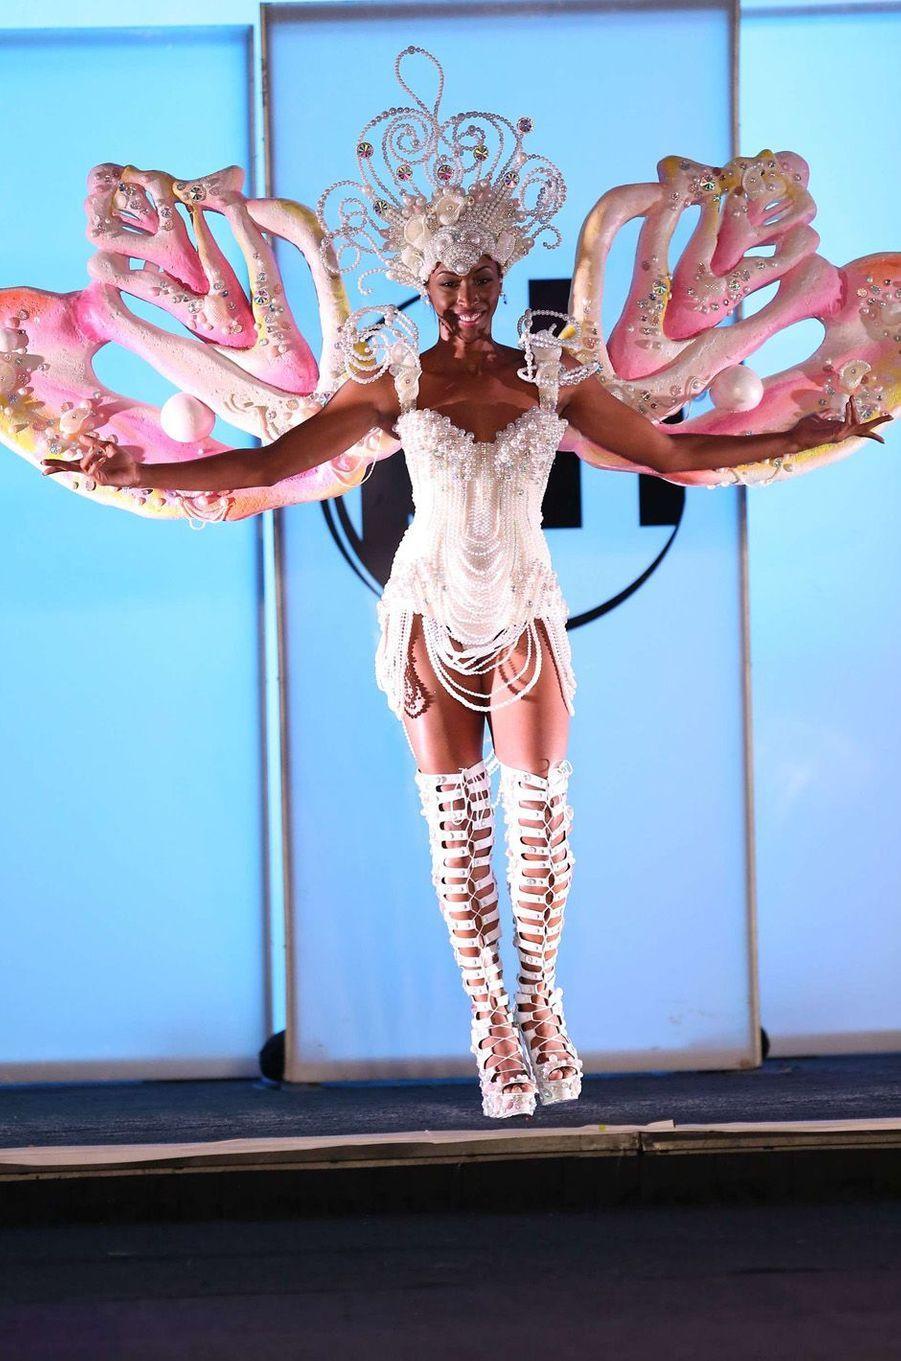 Yasmine Cooke, Miss Bahamas,en costume national pour le concours Miss Univers, le 18 novembre 2017 à Las Vegas.